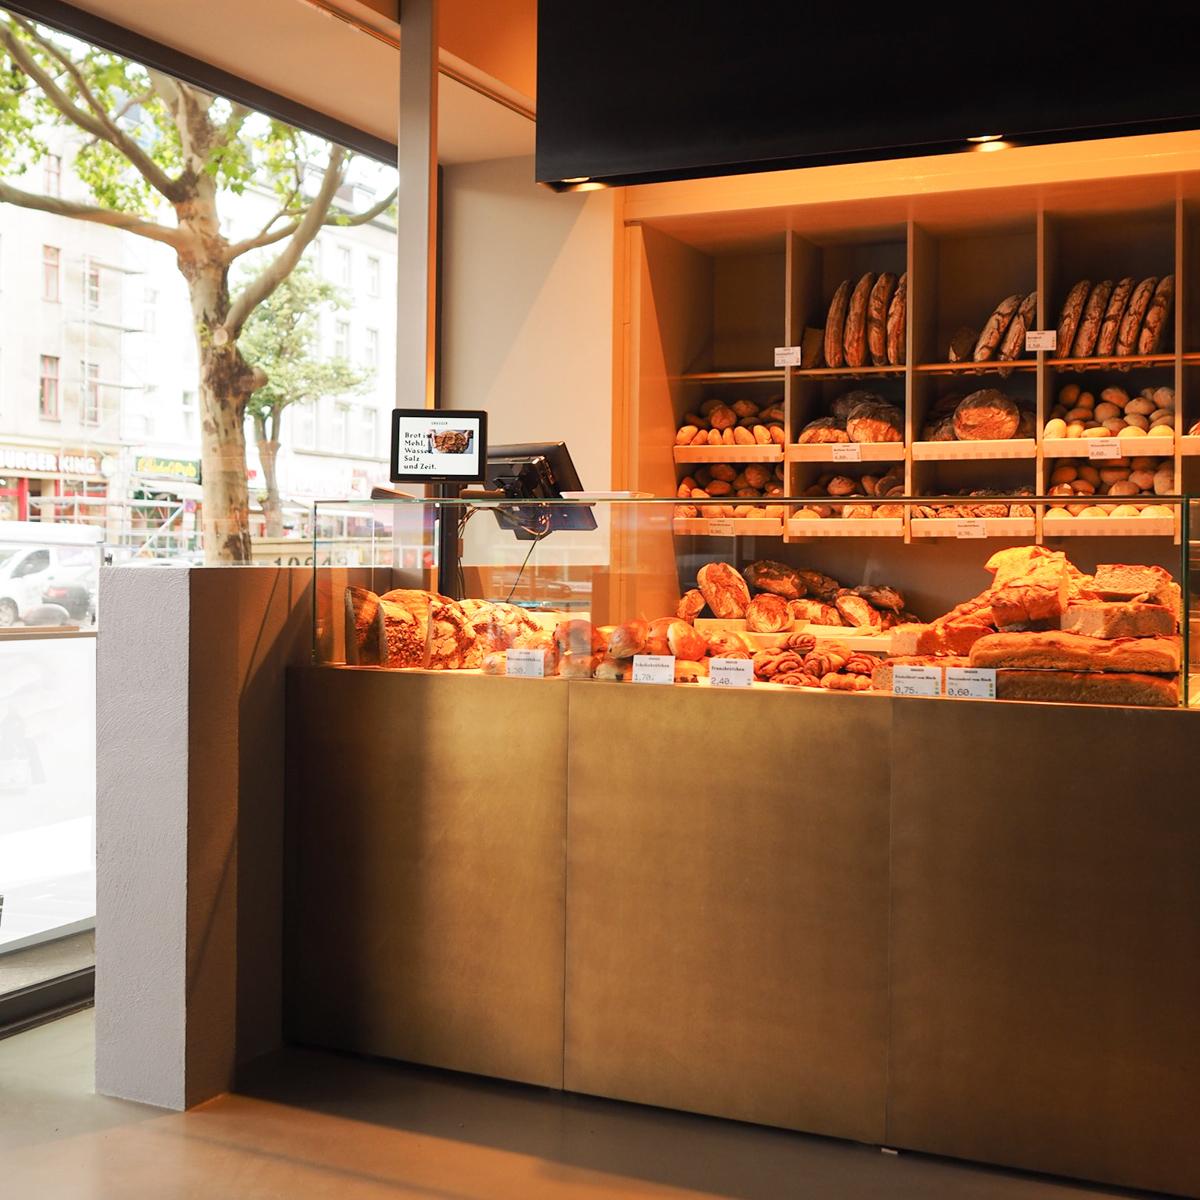 Bäckerei Gragger Potsdamer Straße Berlin-3